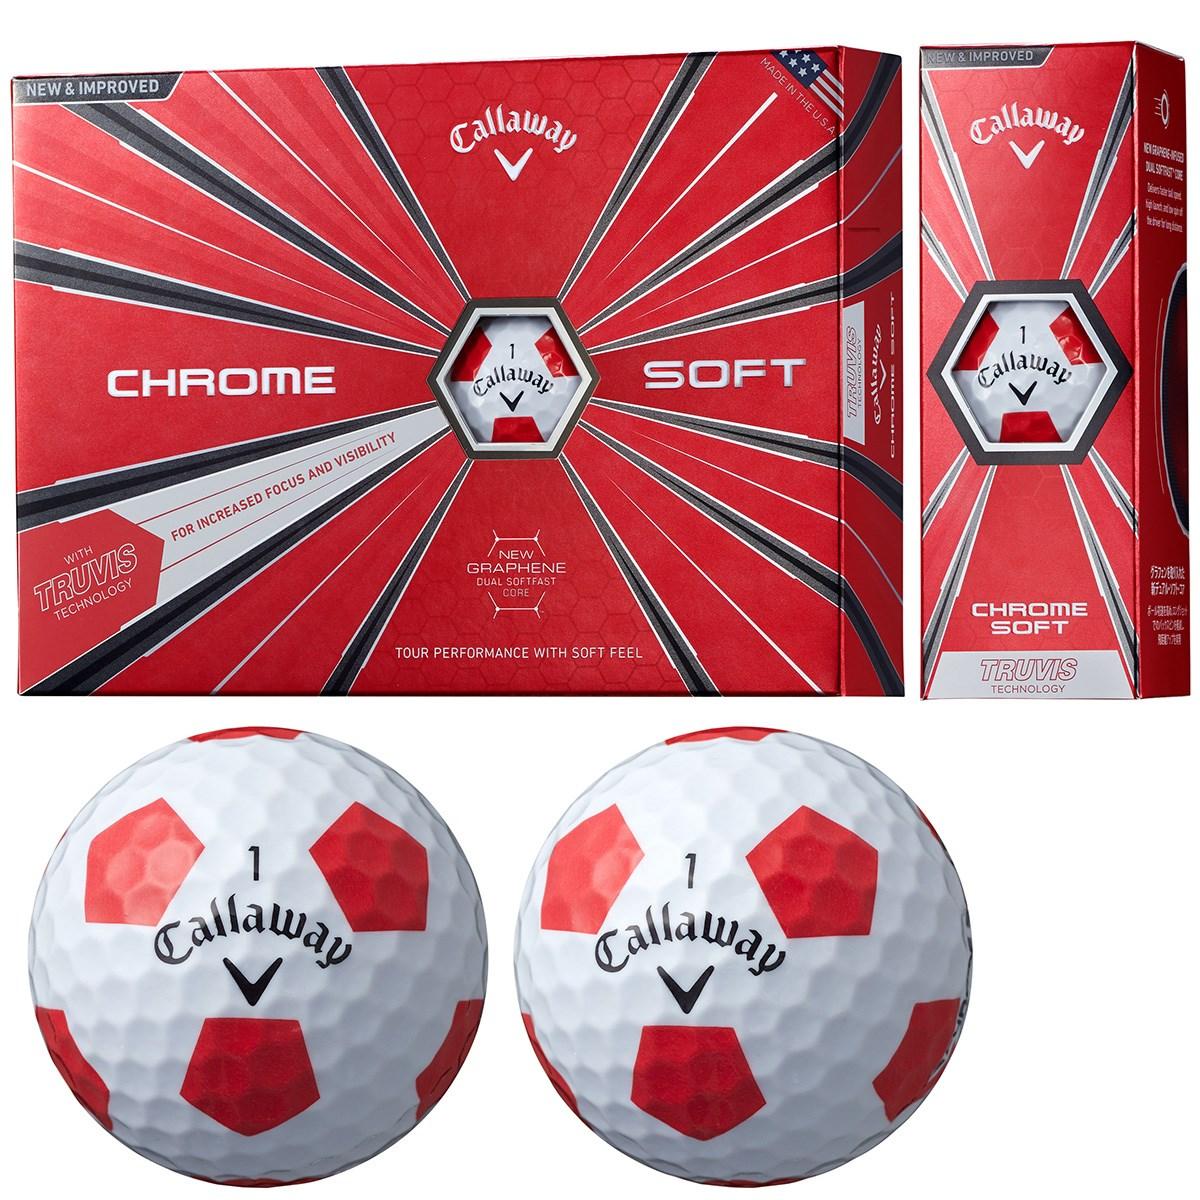 キャロウェイゴルフ CHROM SOFT CHROME SOFT TRUVIS ボール 1ダース(12個入り) ホワイト/レッド